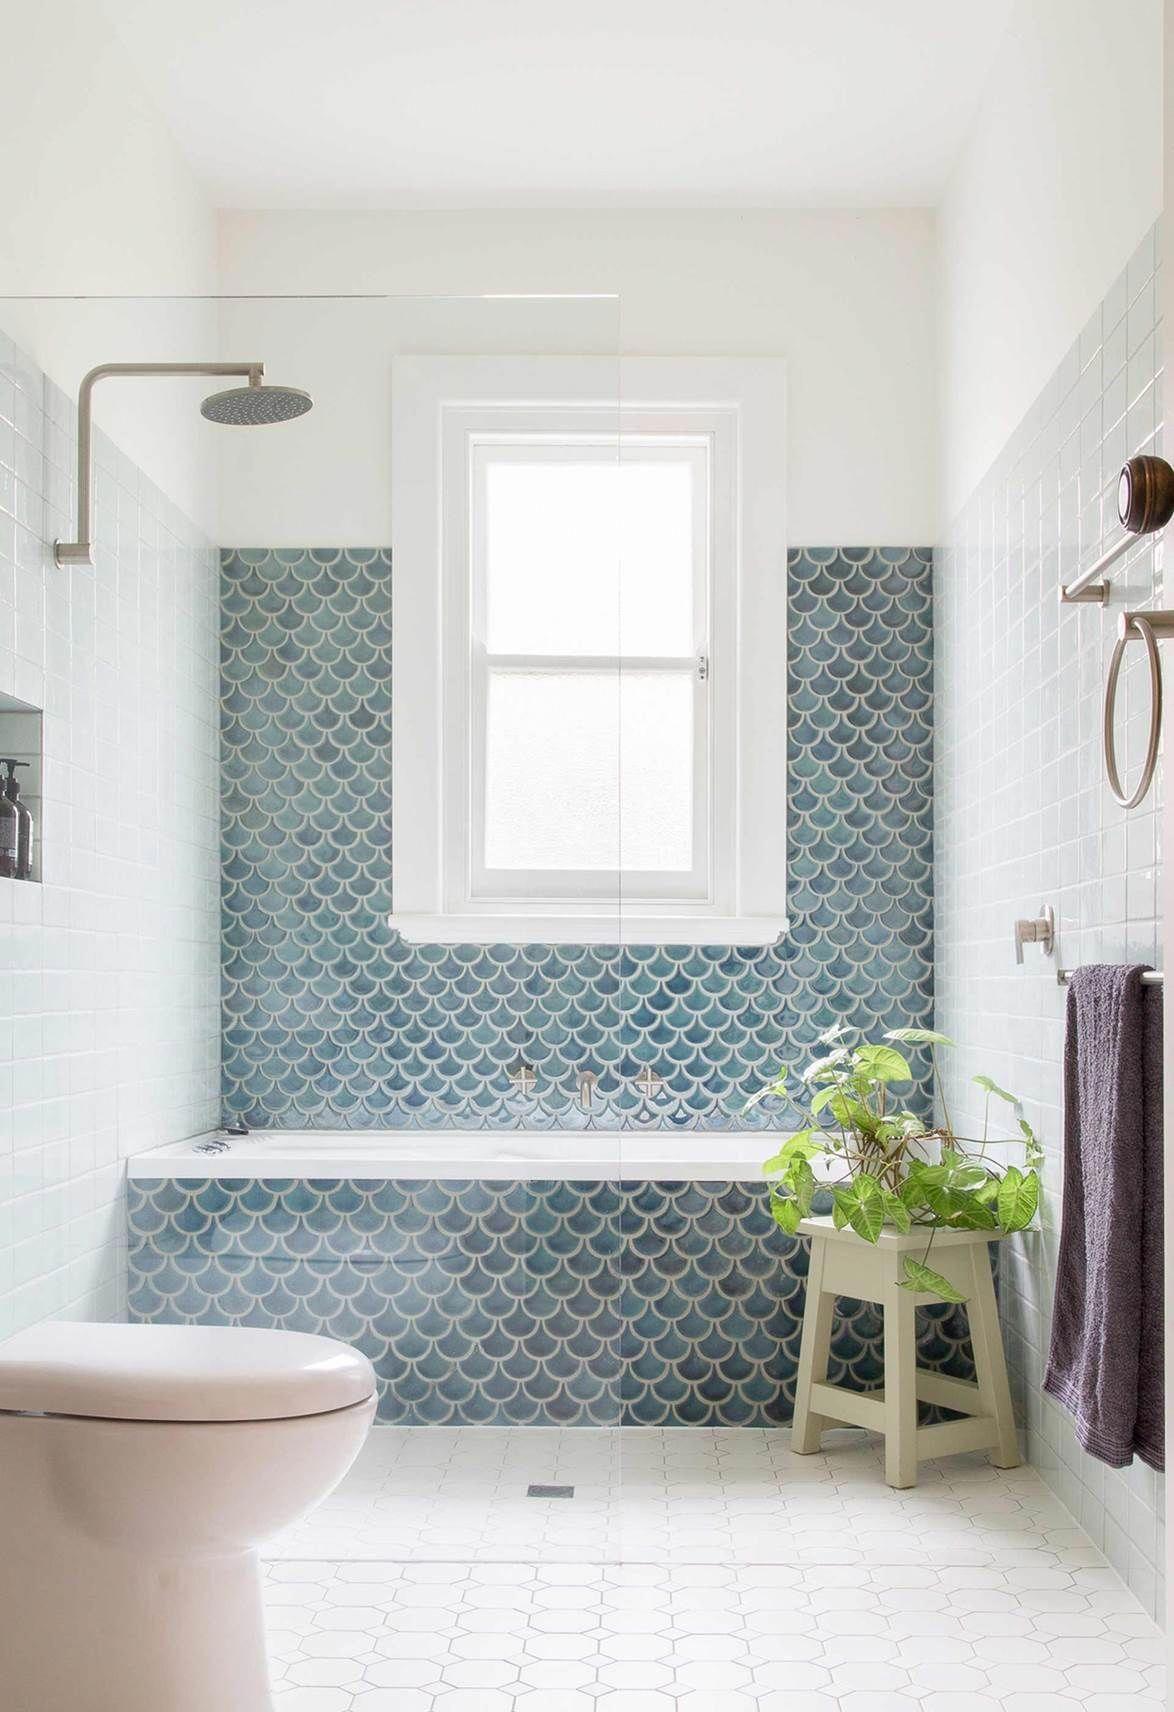 Cute Bathroom Decor Bathroom Decor Designs Bathtub Design